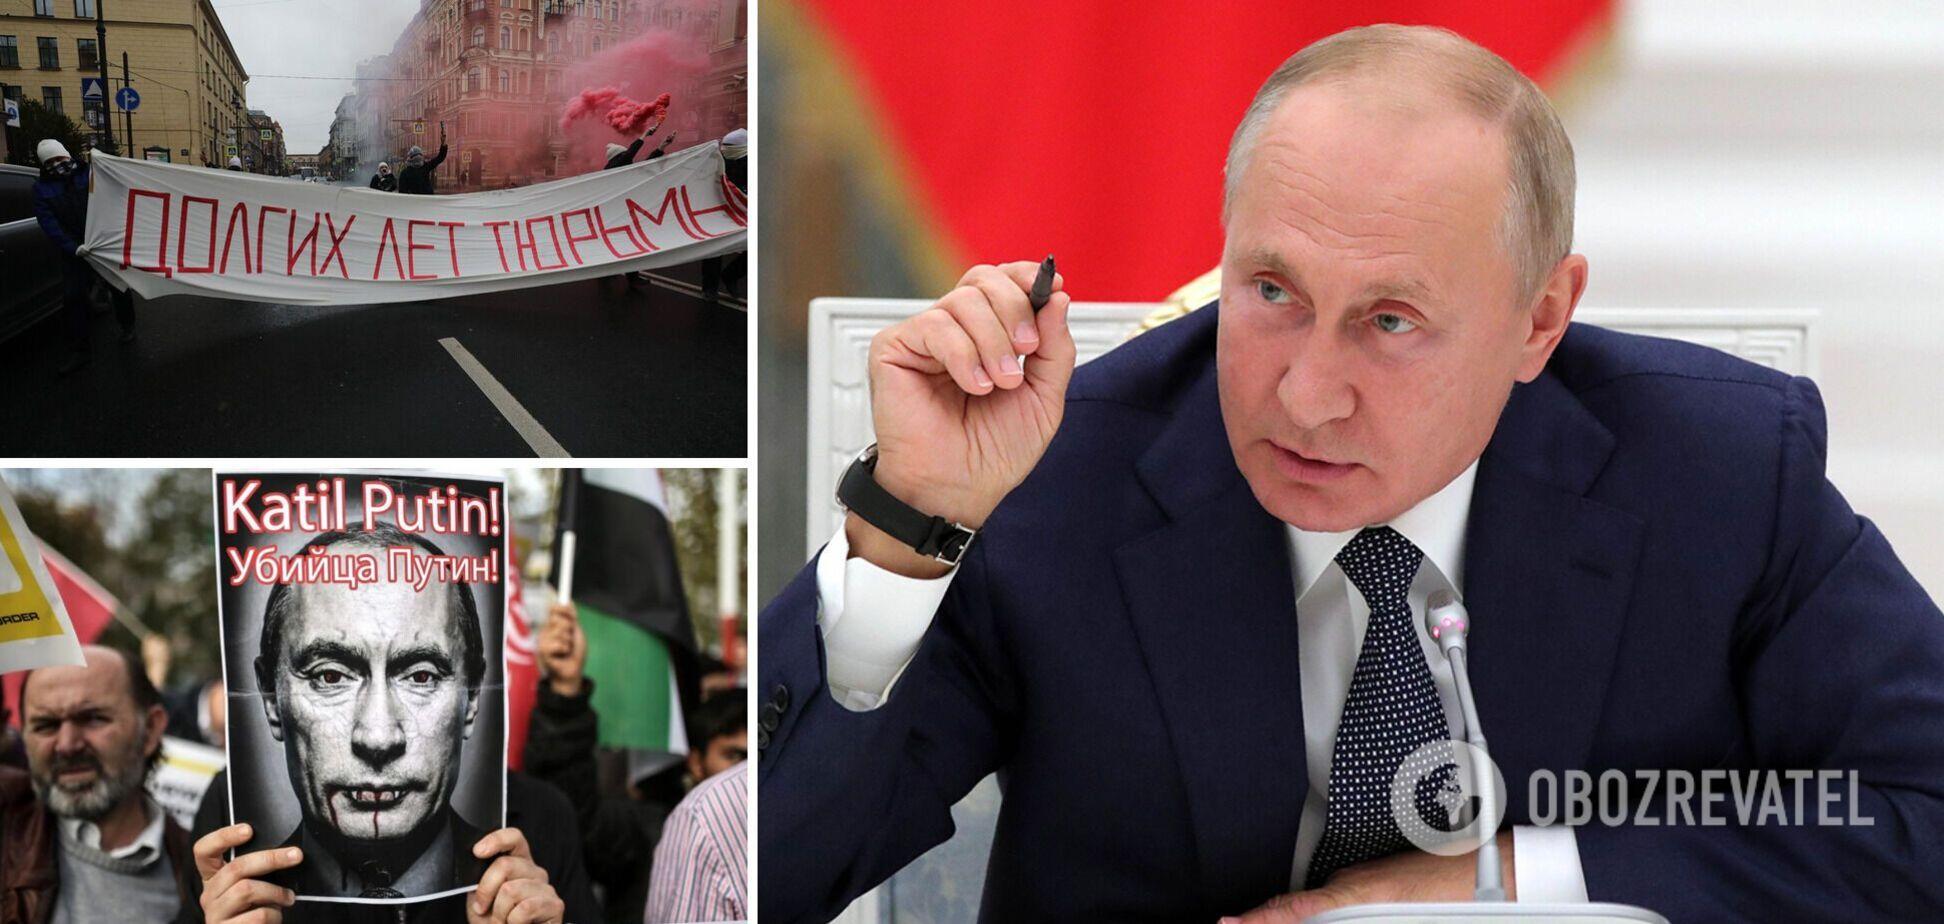 Путину 7 октября исполнилось 69 лет, а он продолжает совершать ужасные преступления